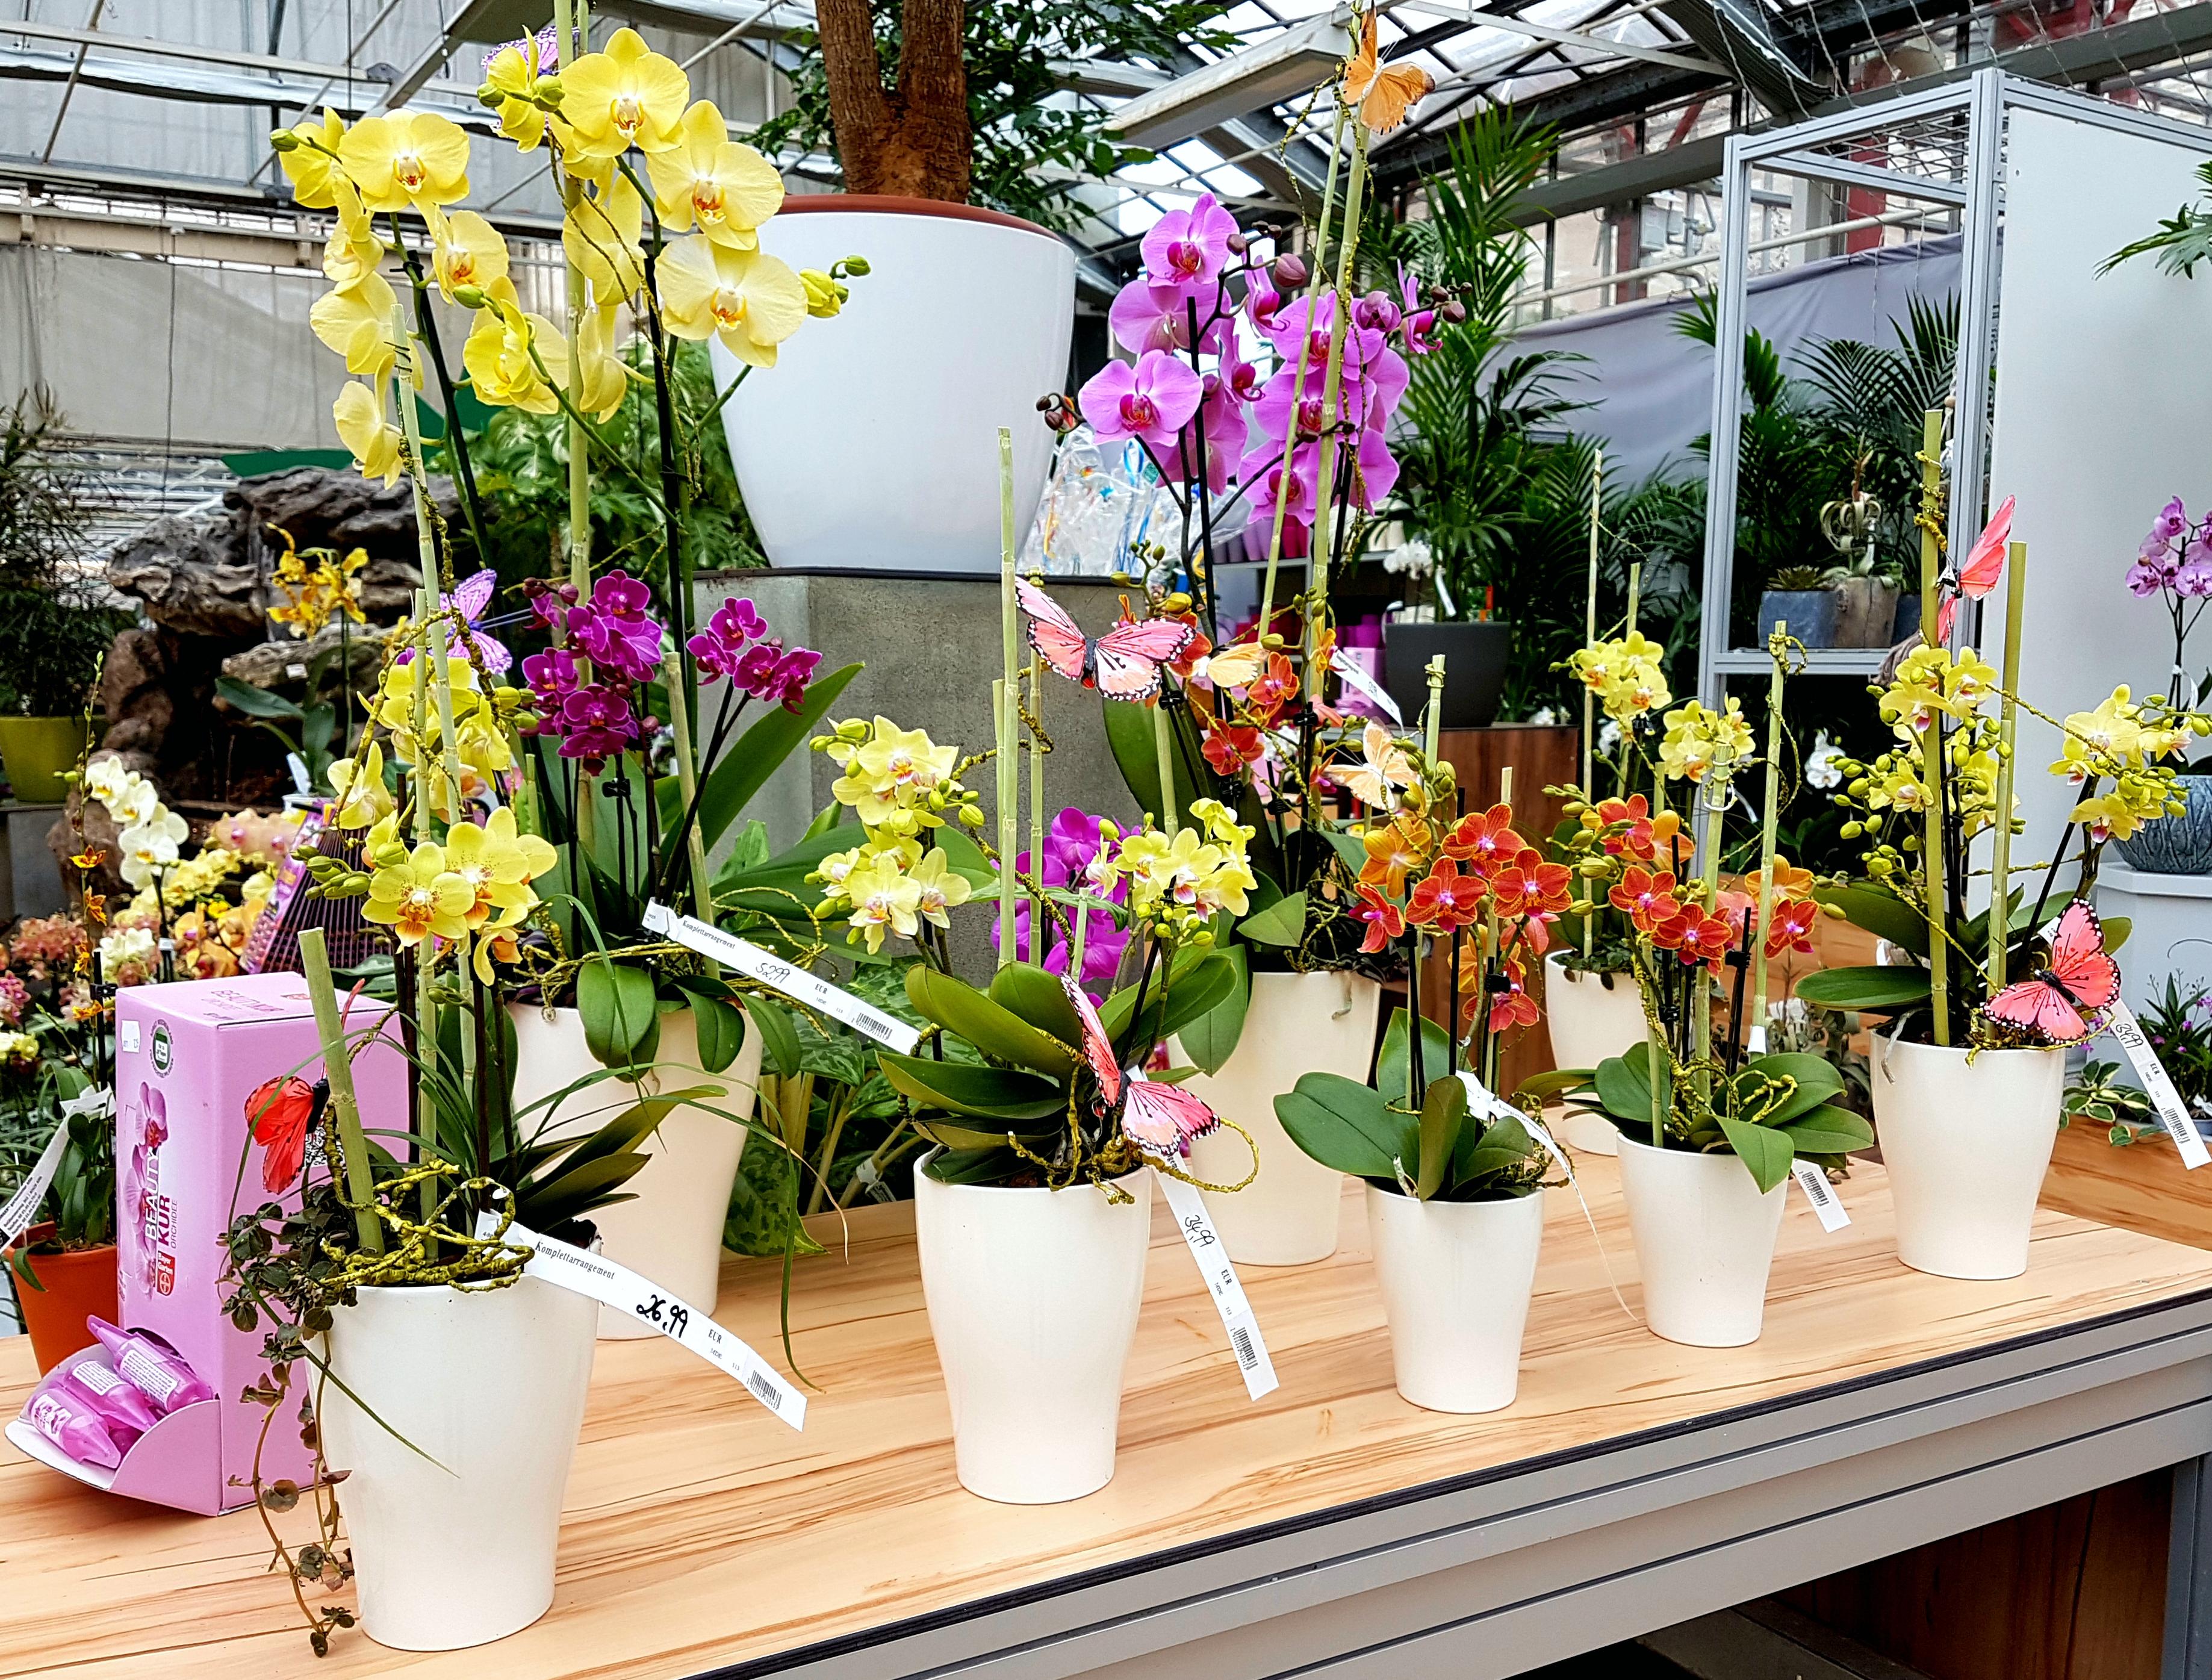 dinger s gartencenter k ln ein paradies f r phalaenopsis fans orchideenfans blog. Black Bedroom Furniture Sets. Home Design Ideas